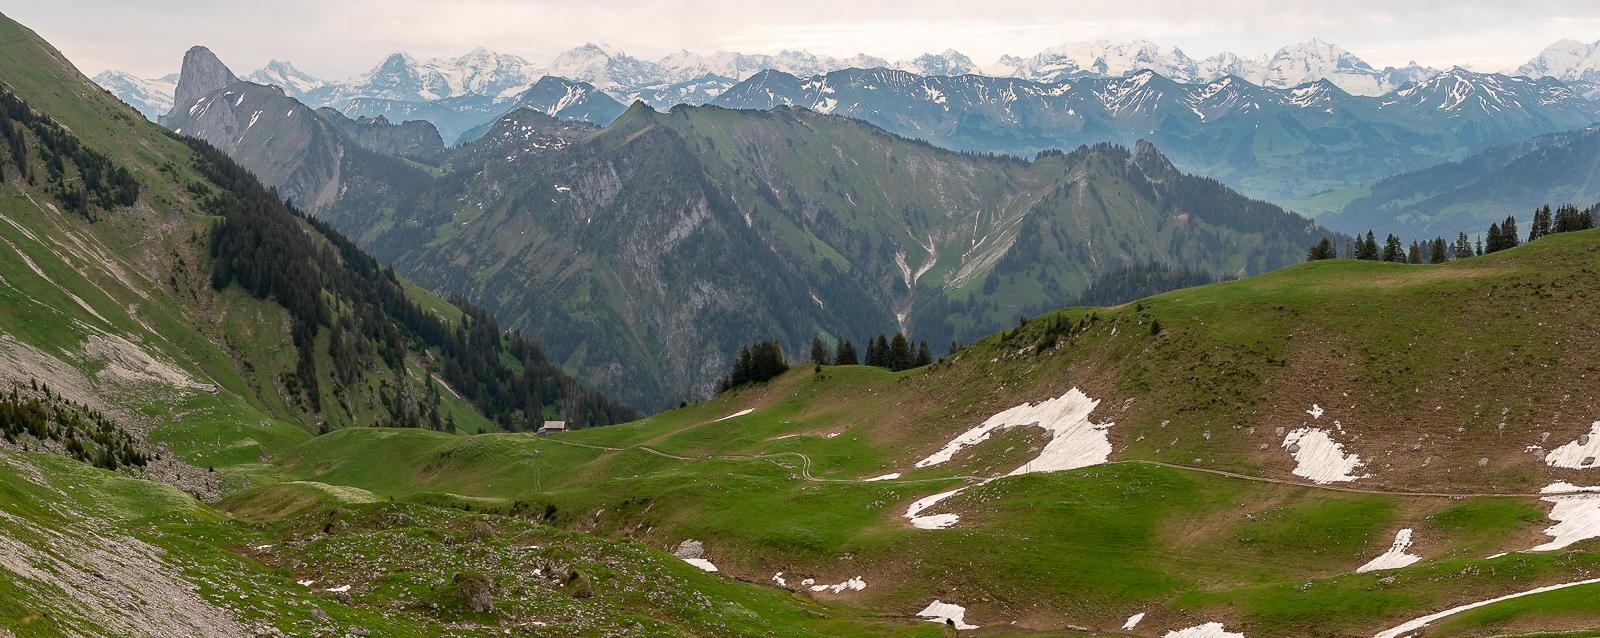 Stockhorn, Niesenkette, Alpen